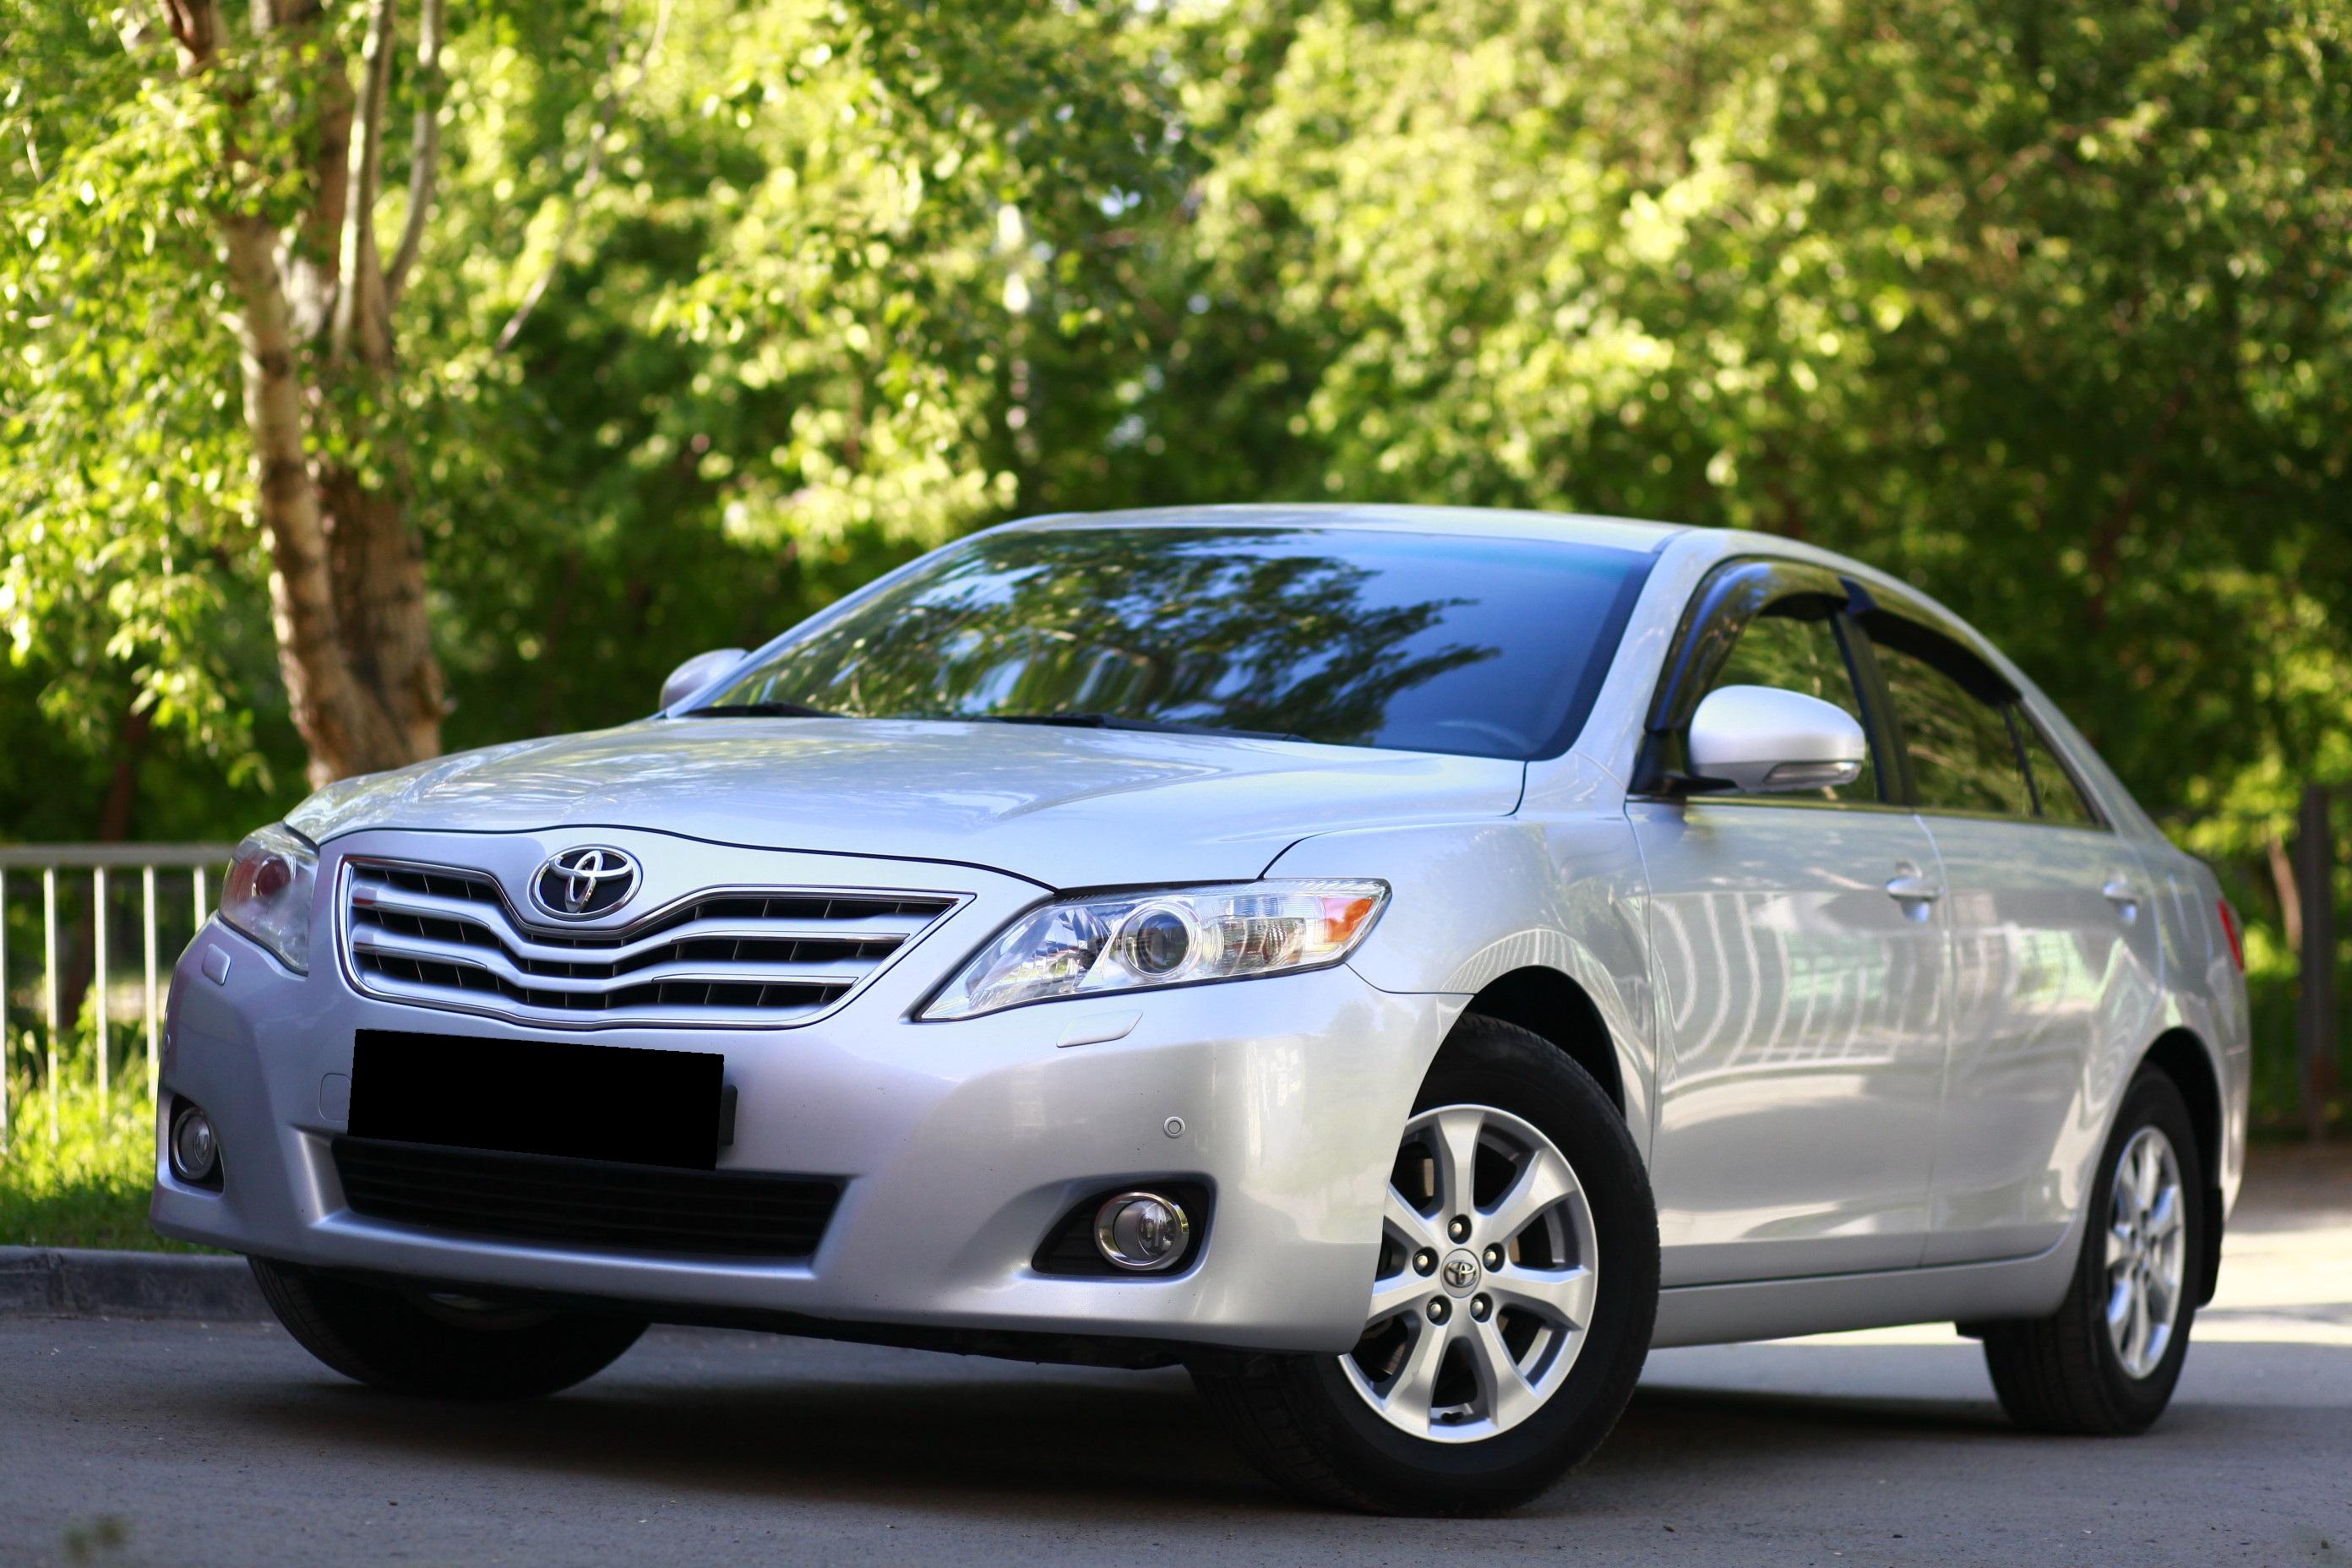 Toyota Camry 850 000 руб